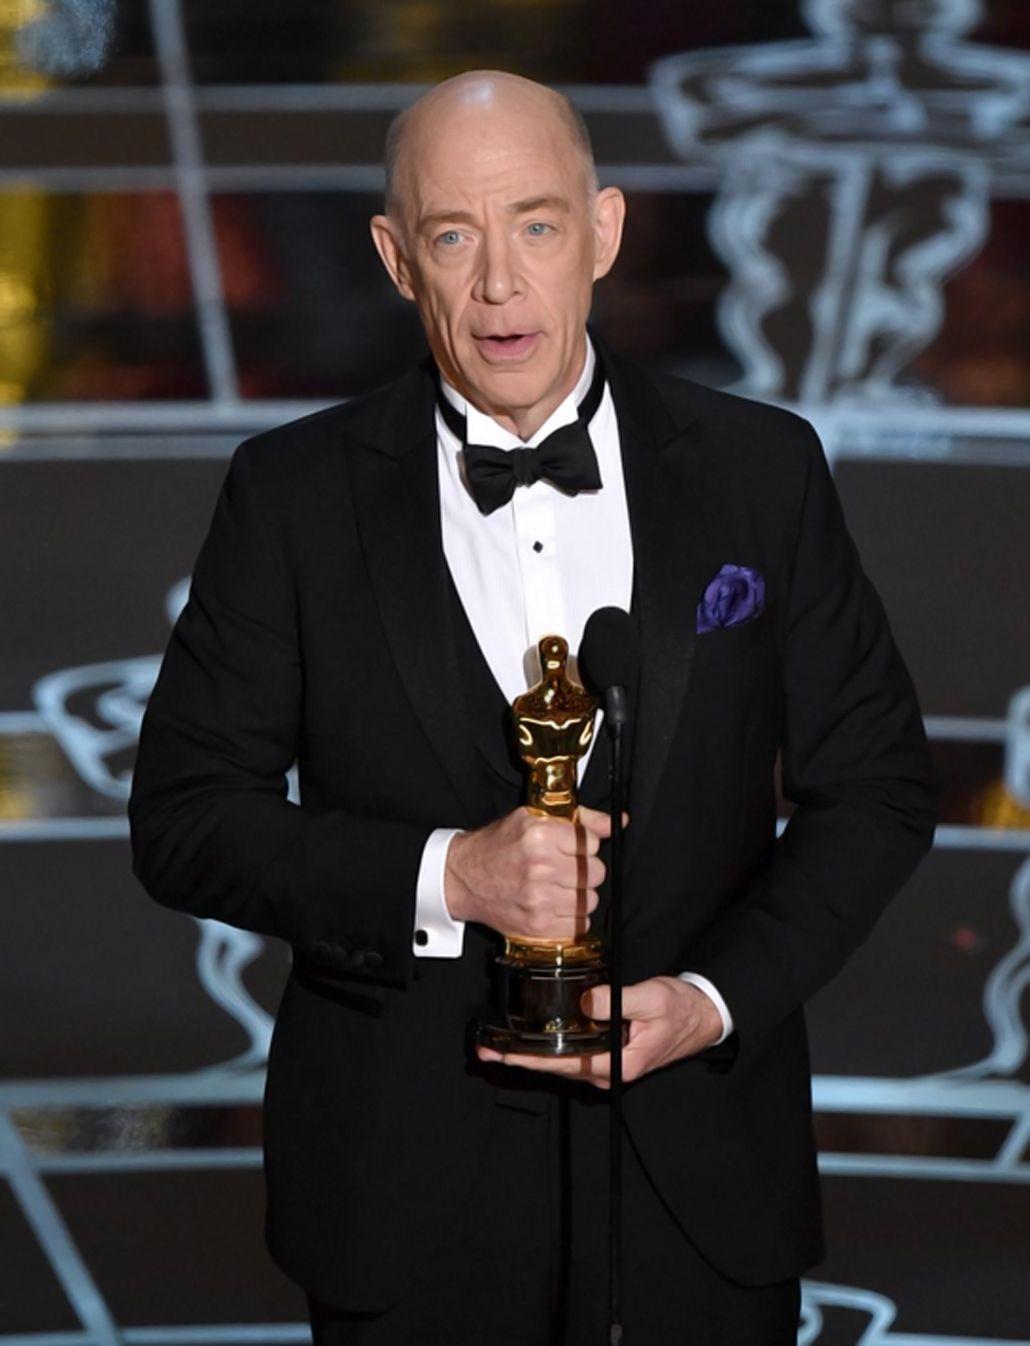 Las mejores fotos de los Oscar 2015: Así recibían el premio los ganadores